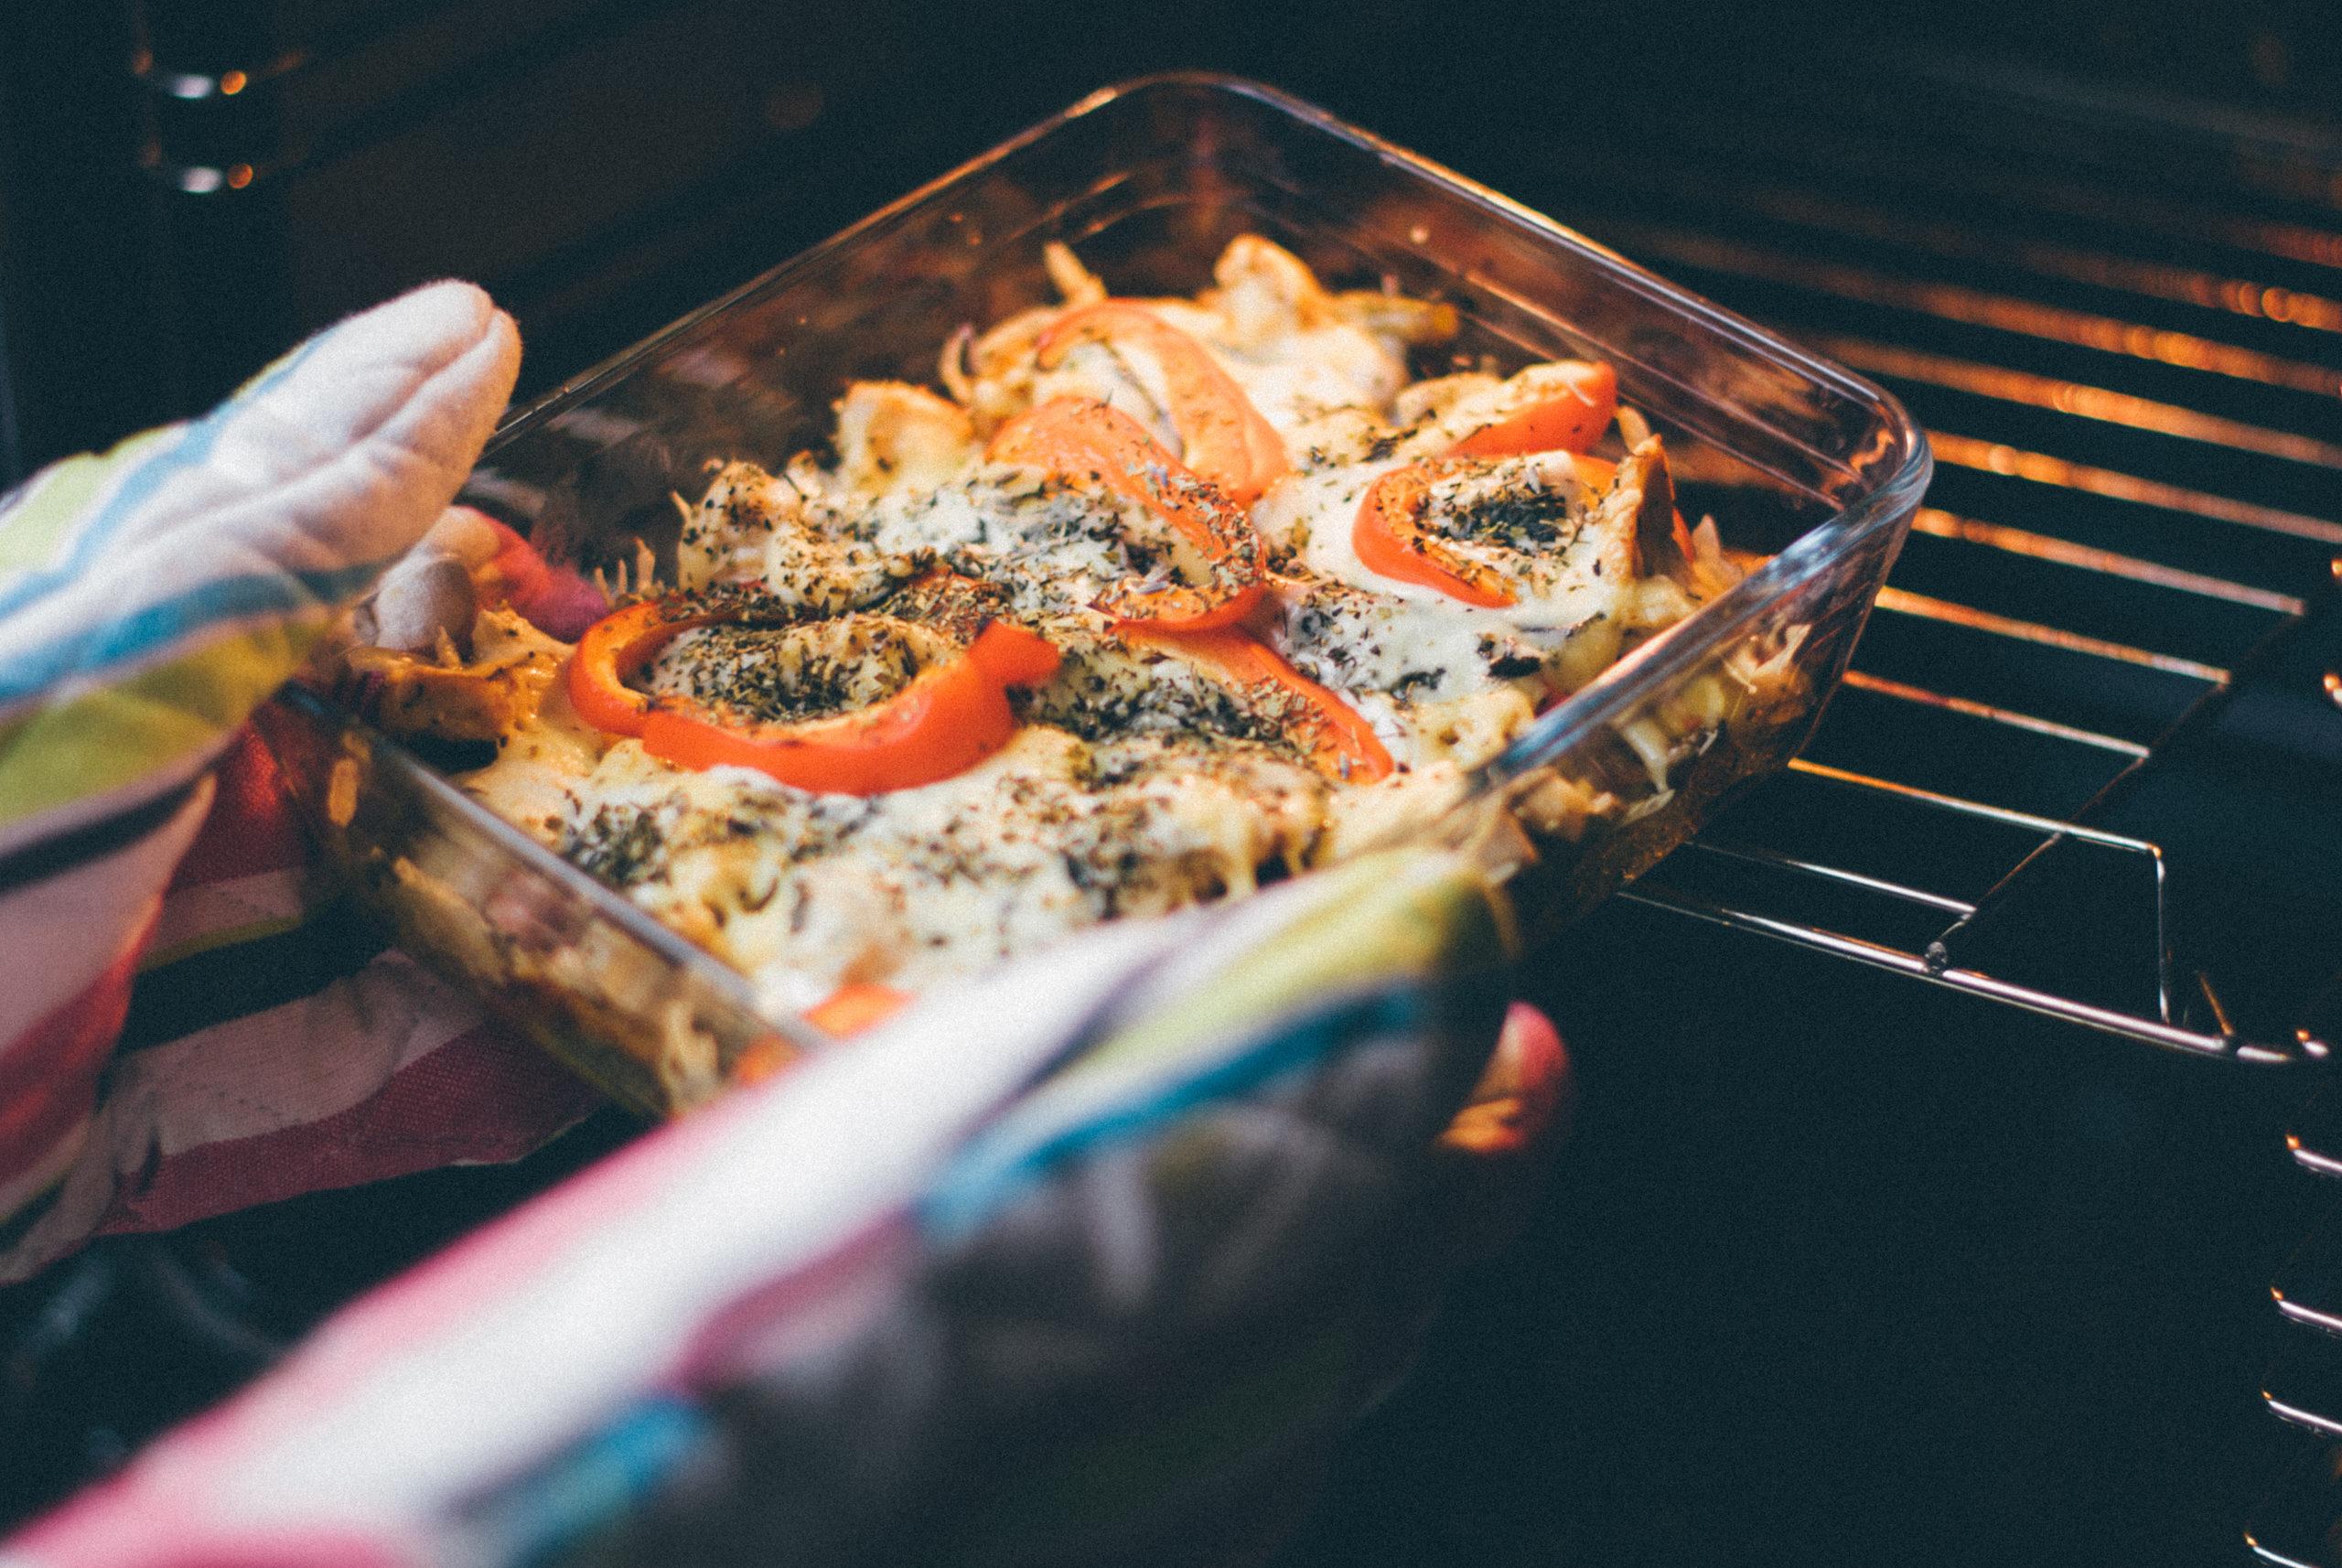 แจกอาหารสูตรเด็ด ทำเองได้ง่ายๆ ด้วยเตาอบไฟฟ้า